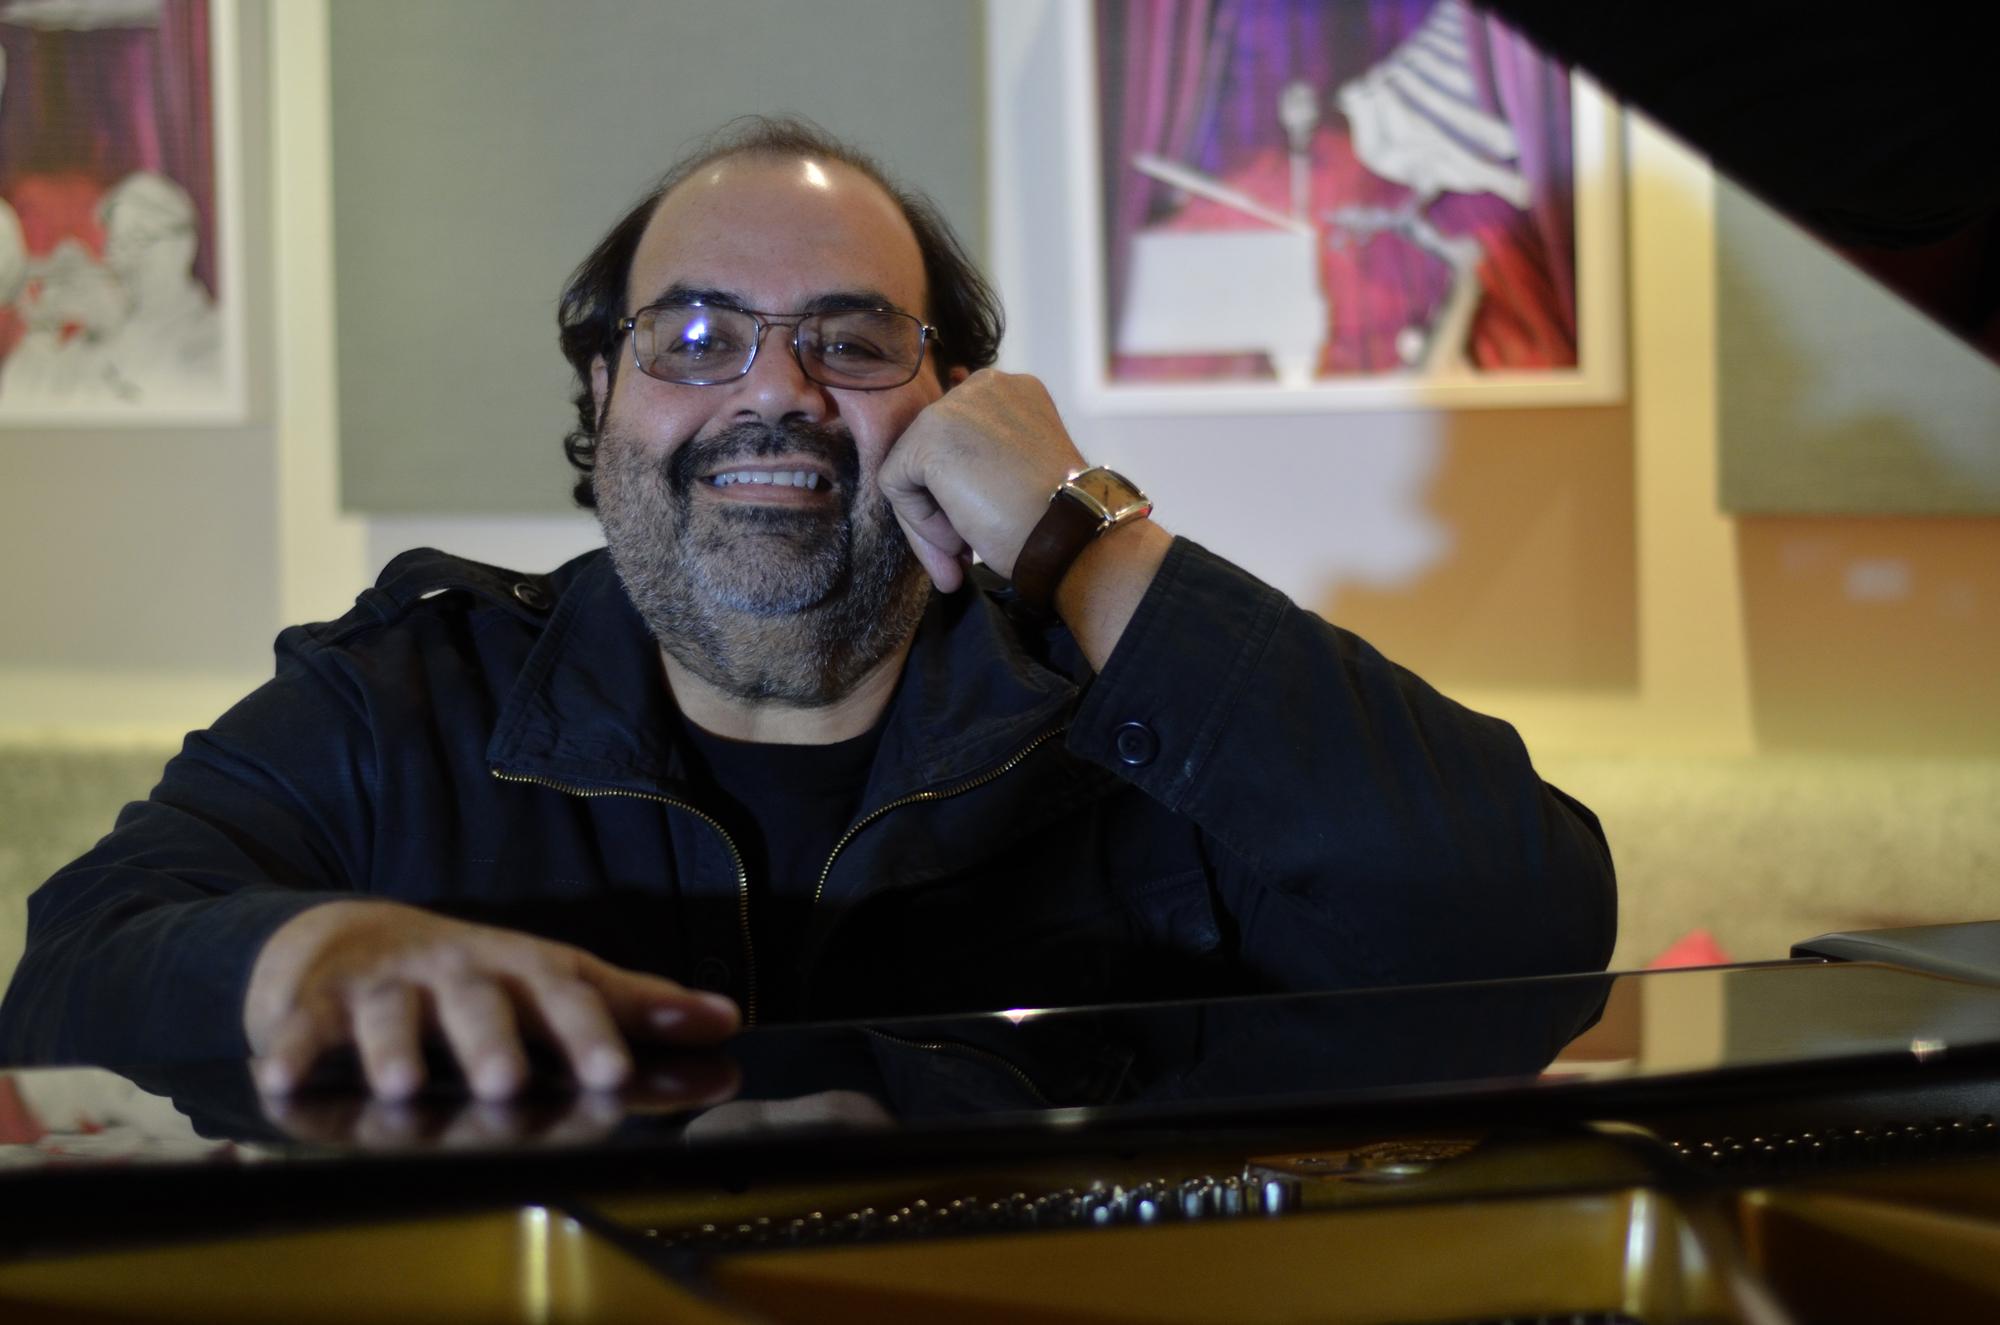 El pianista ya cuenta con numerosas producciones realizadas independientemente para el mercado discográfica. (Foto suministrada)